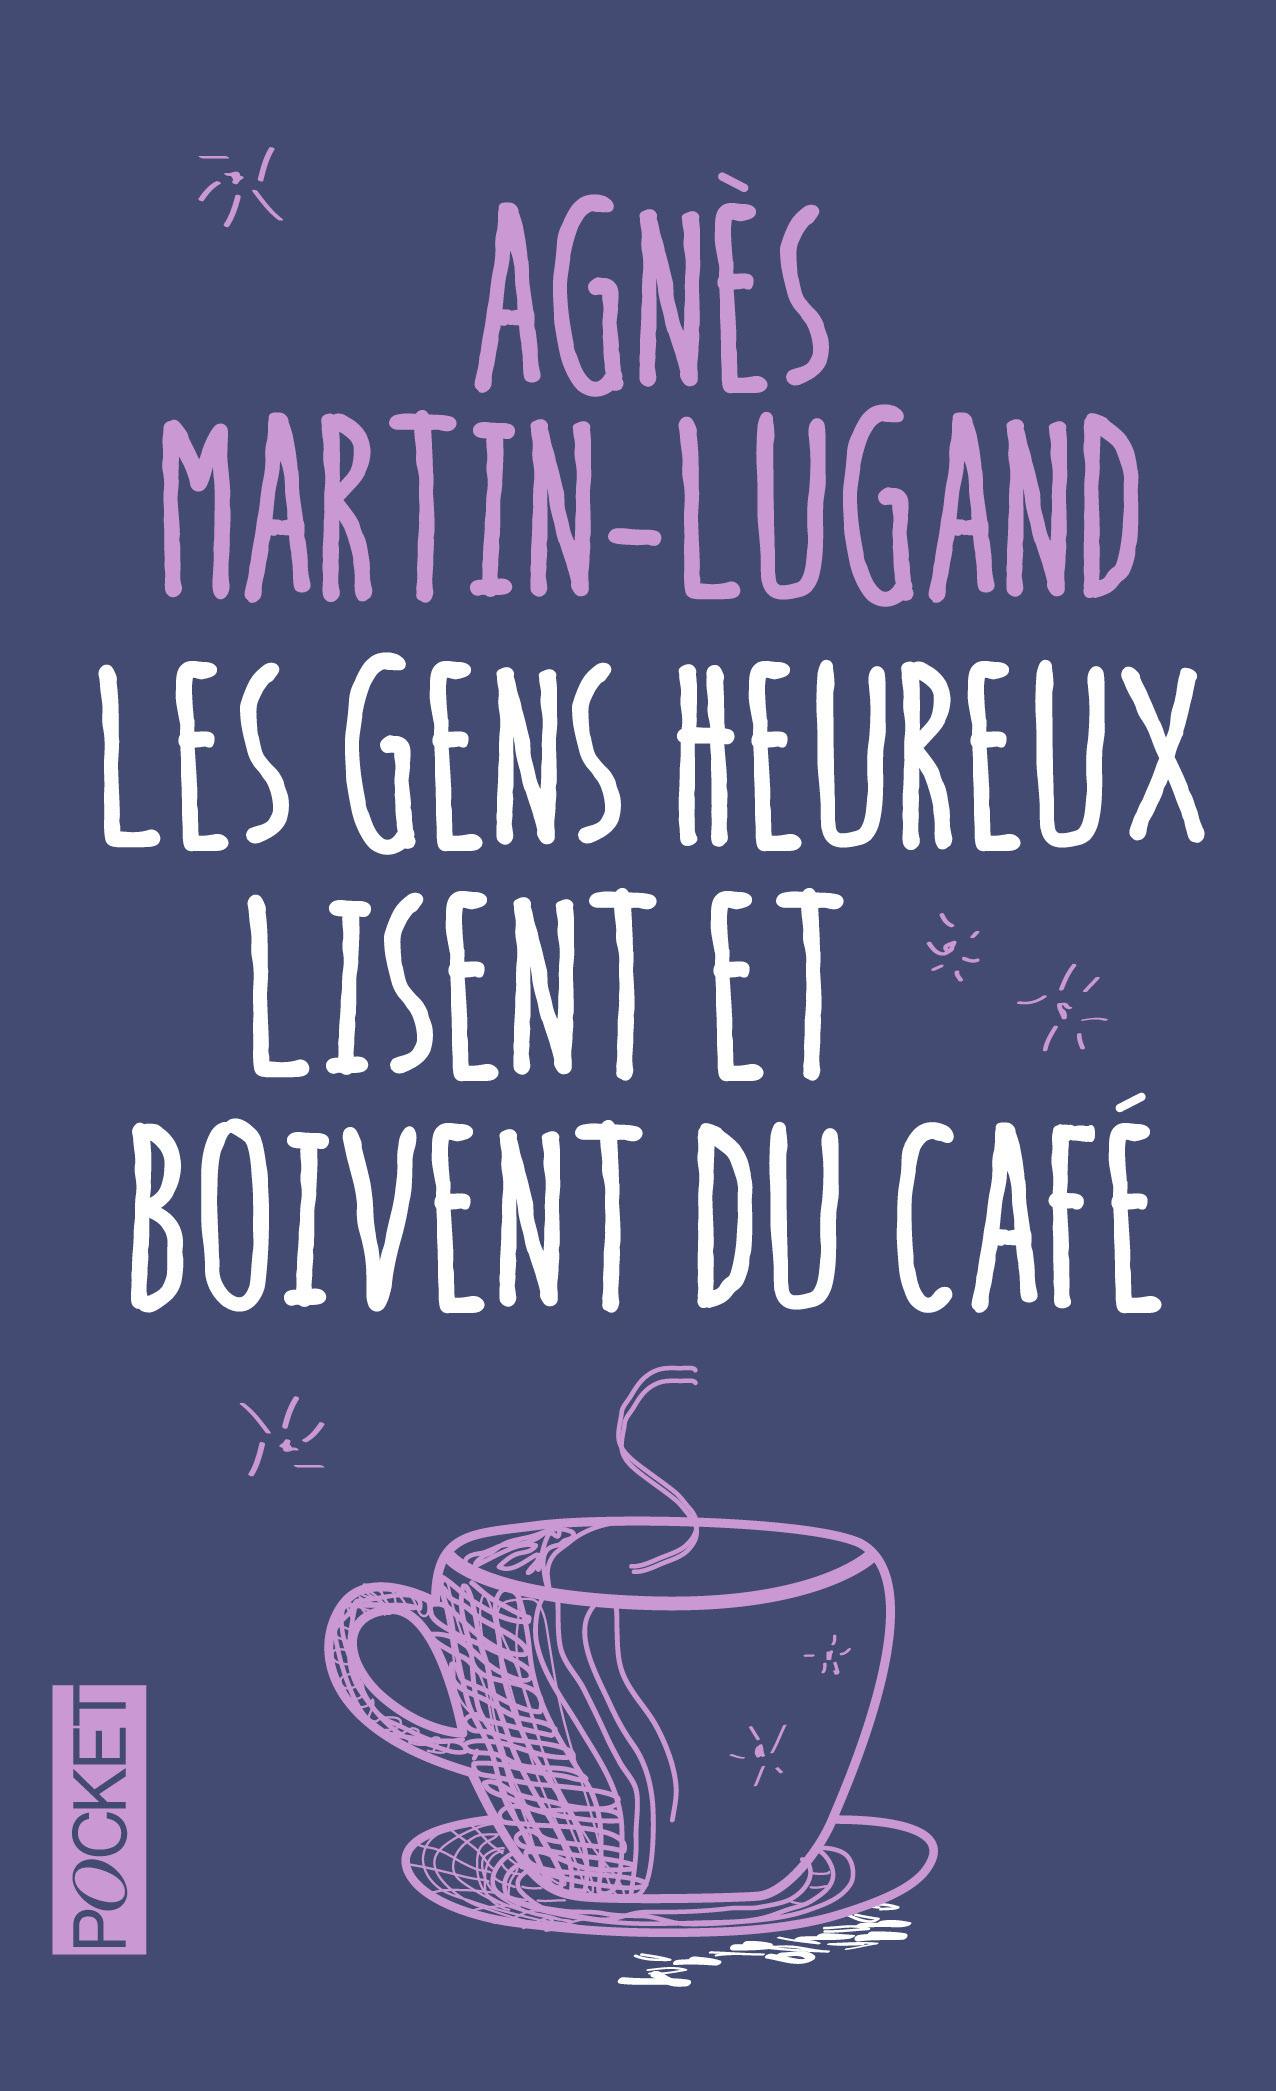 Agnès Martin-Lugand - Couverture Collector Pocket - Les gens heureux lisent et boivent du café